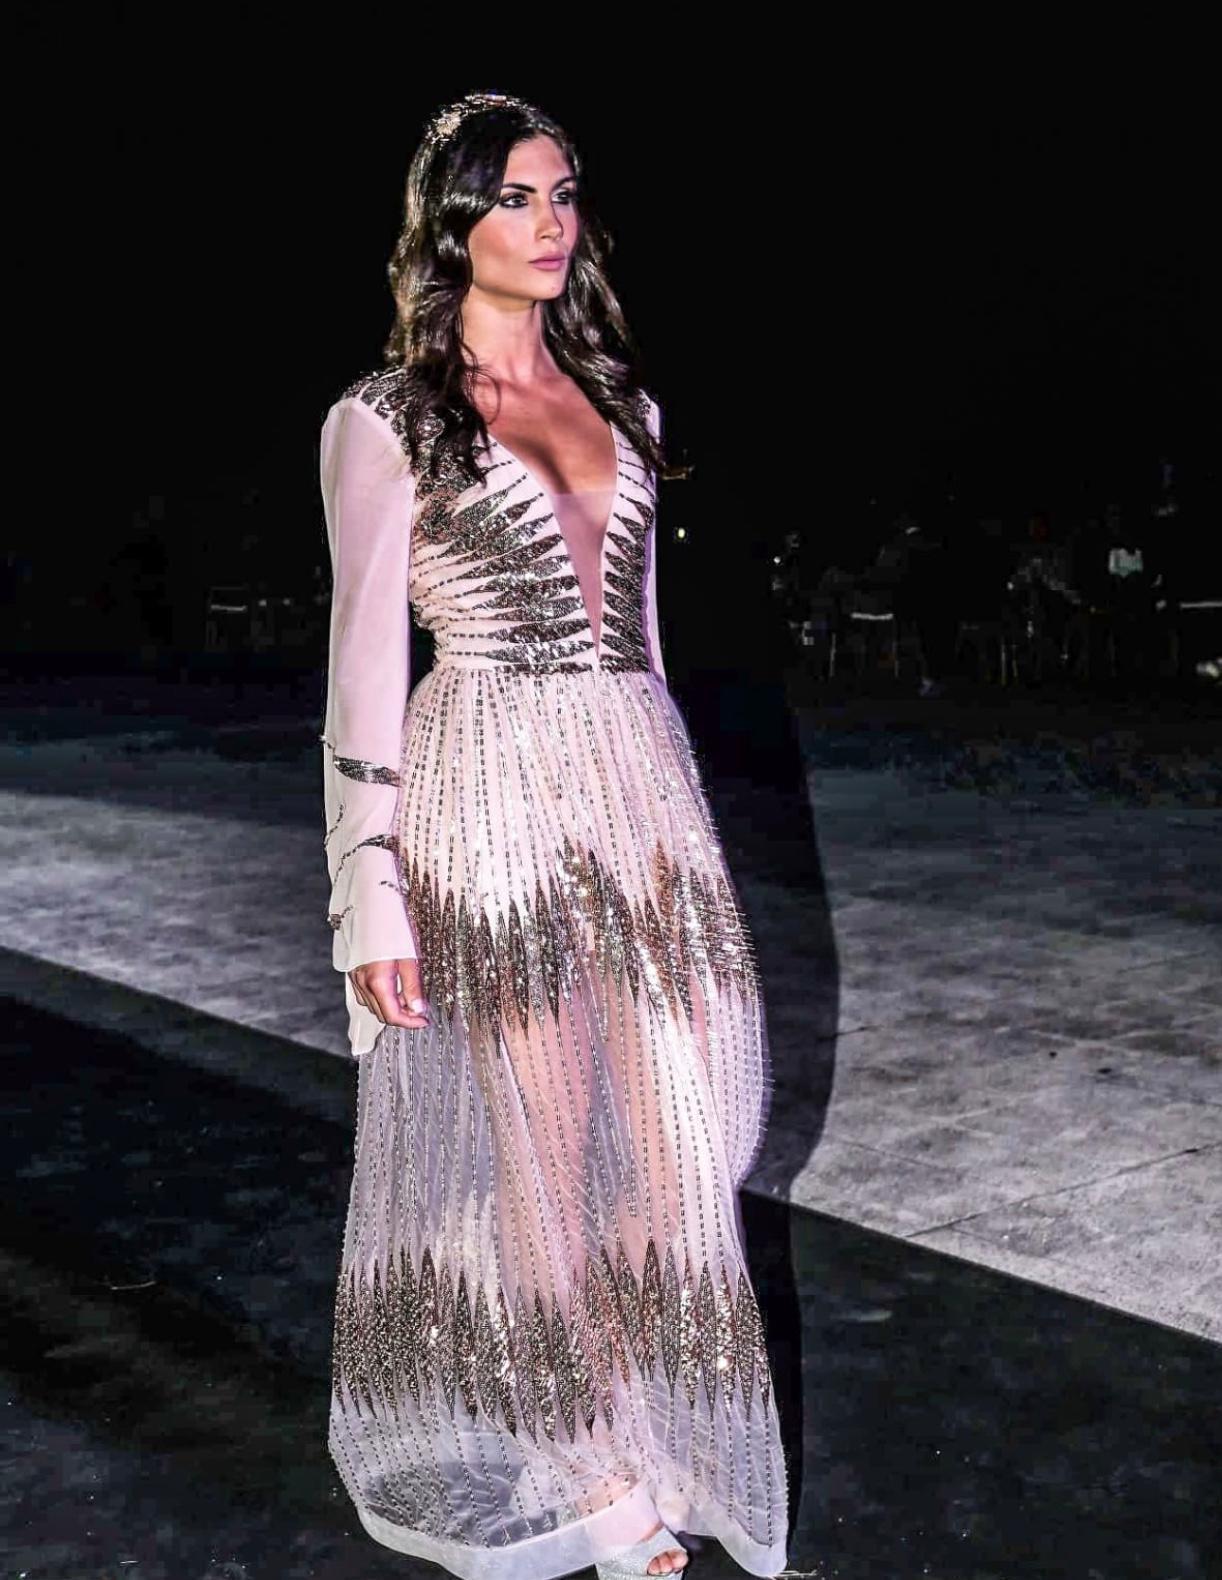 Il brand fondato dall'imprenditrice Ester Gatta, vestirà due mannequin che affiancheranno i conduttori Crea e Mariani per uno Speciale Sanremo